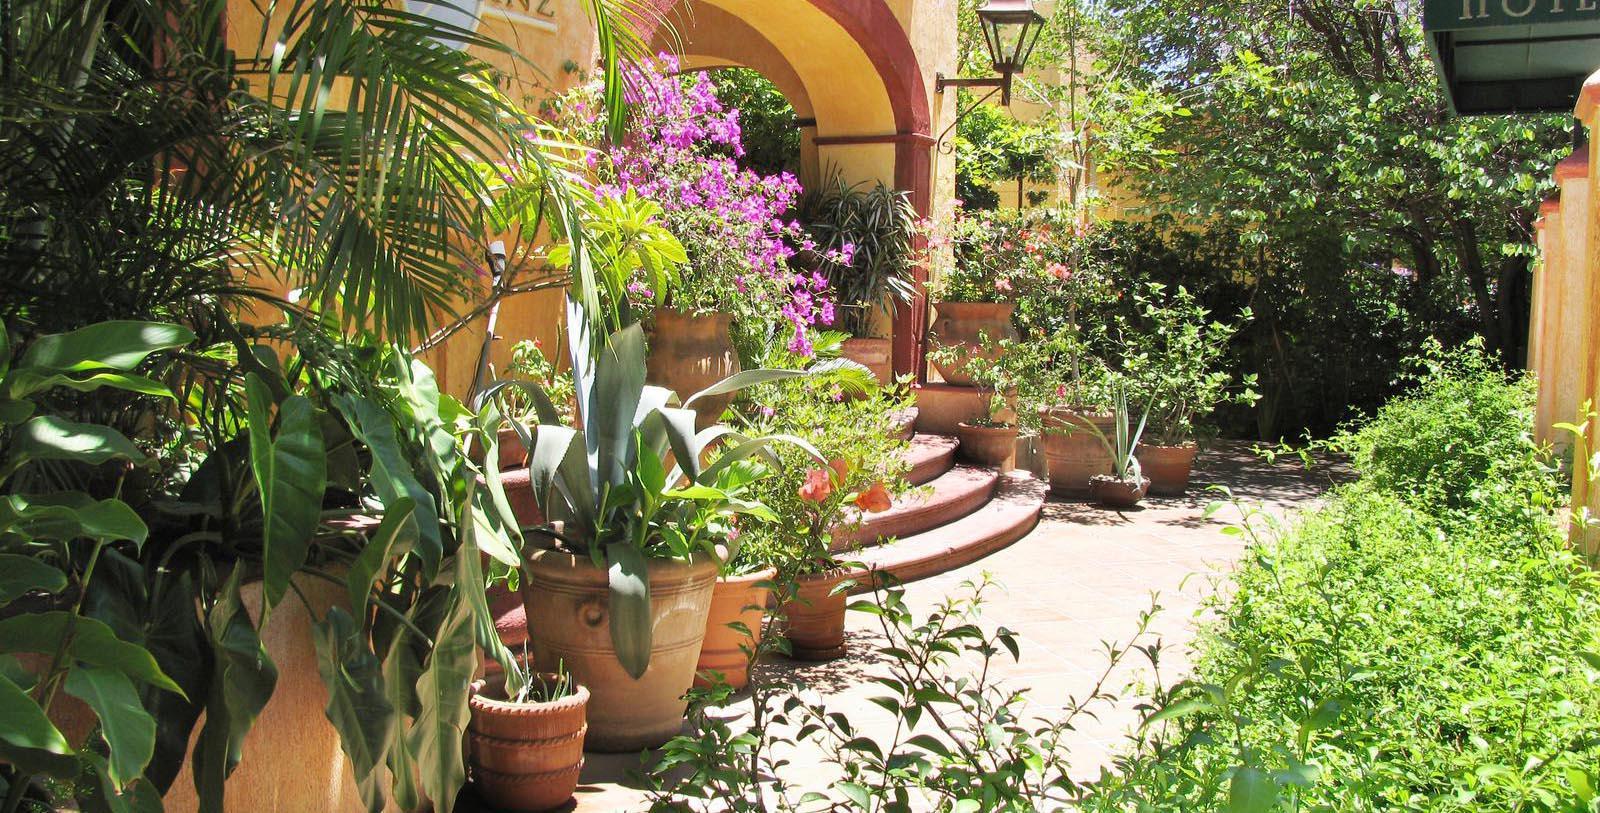 Daytime exterior of Villa Ganz Boutique Hotel in Guadalajara, Mexico.